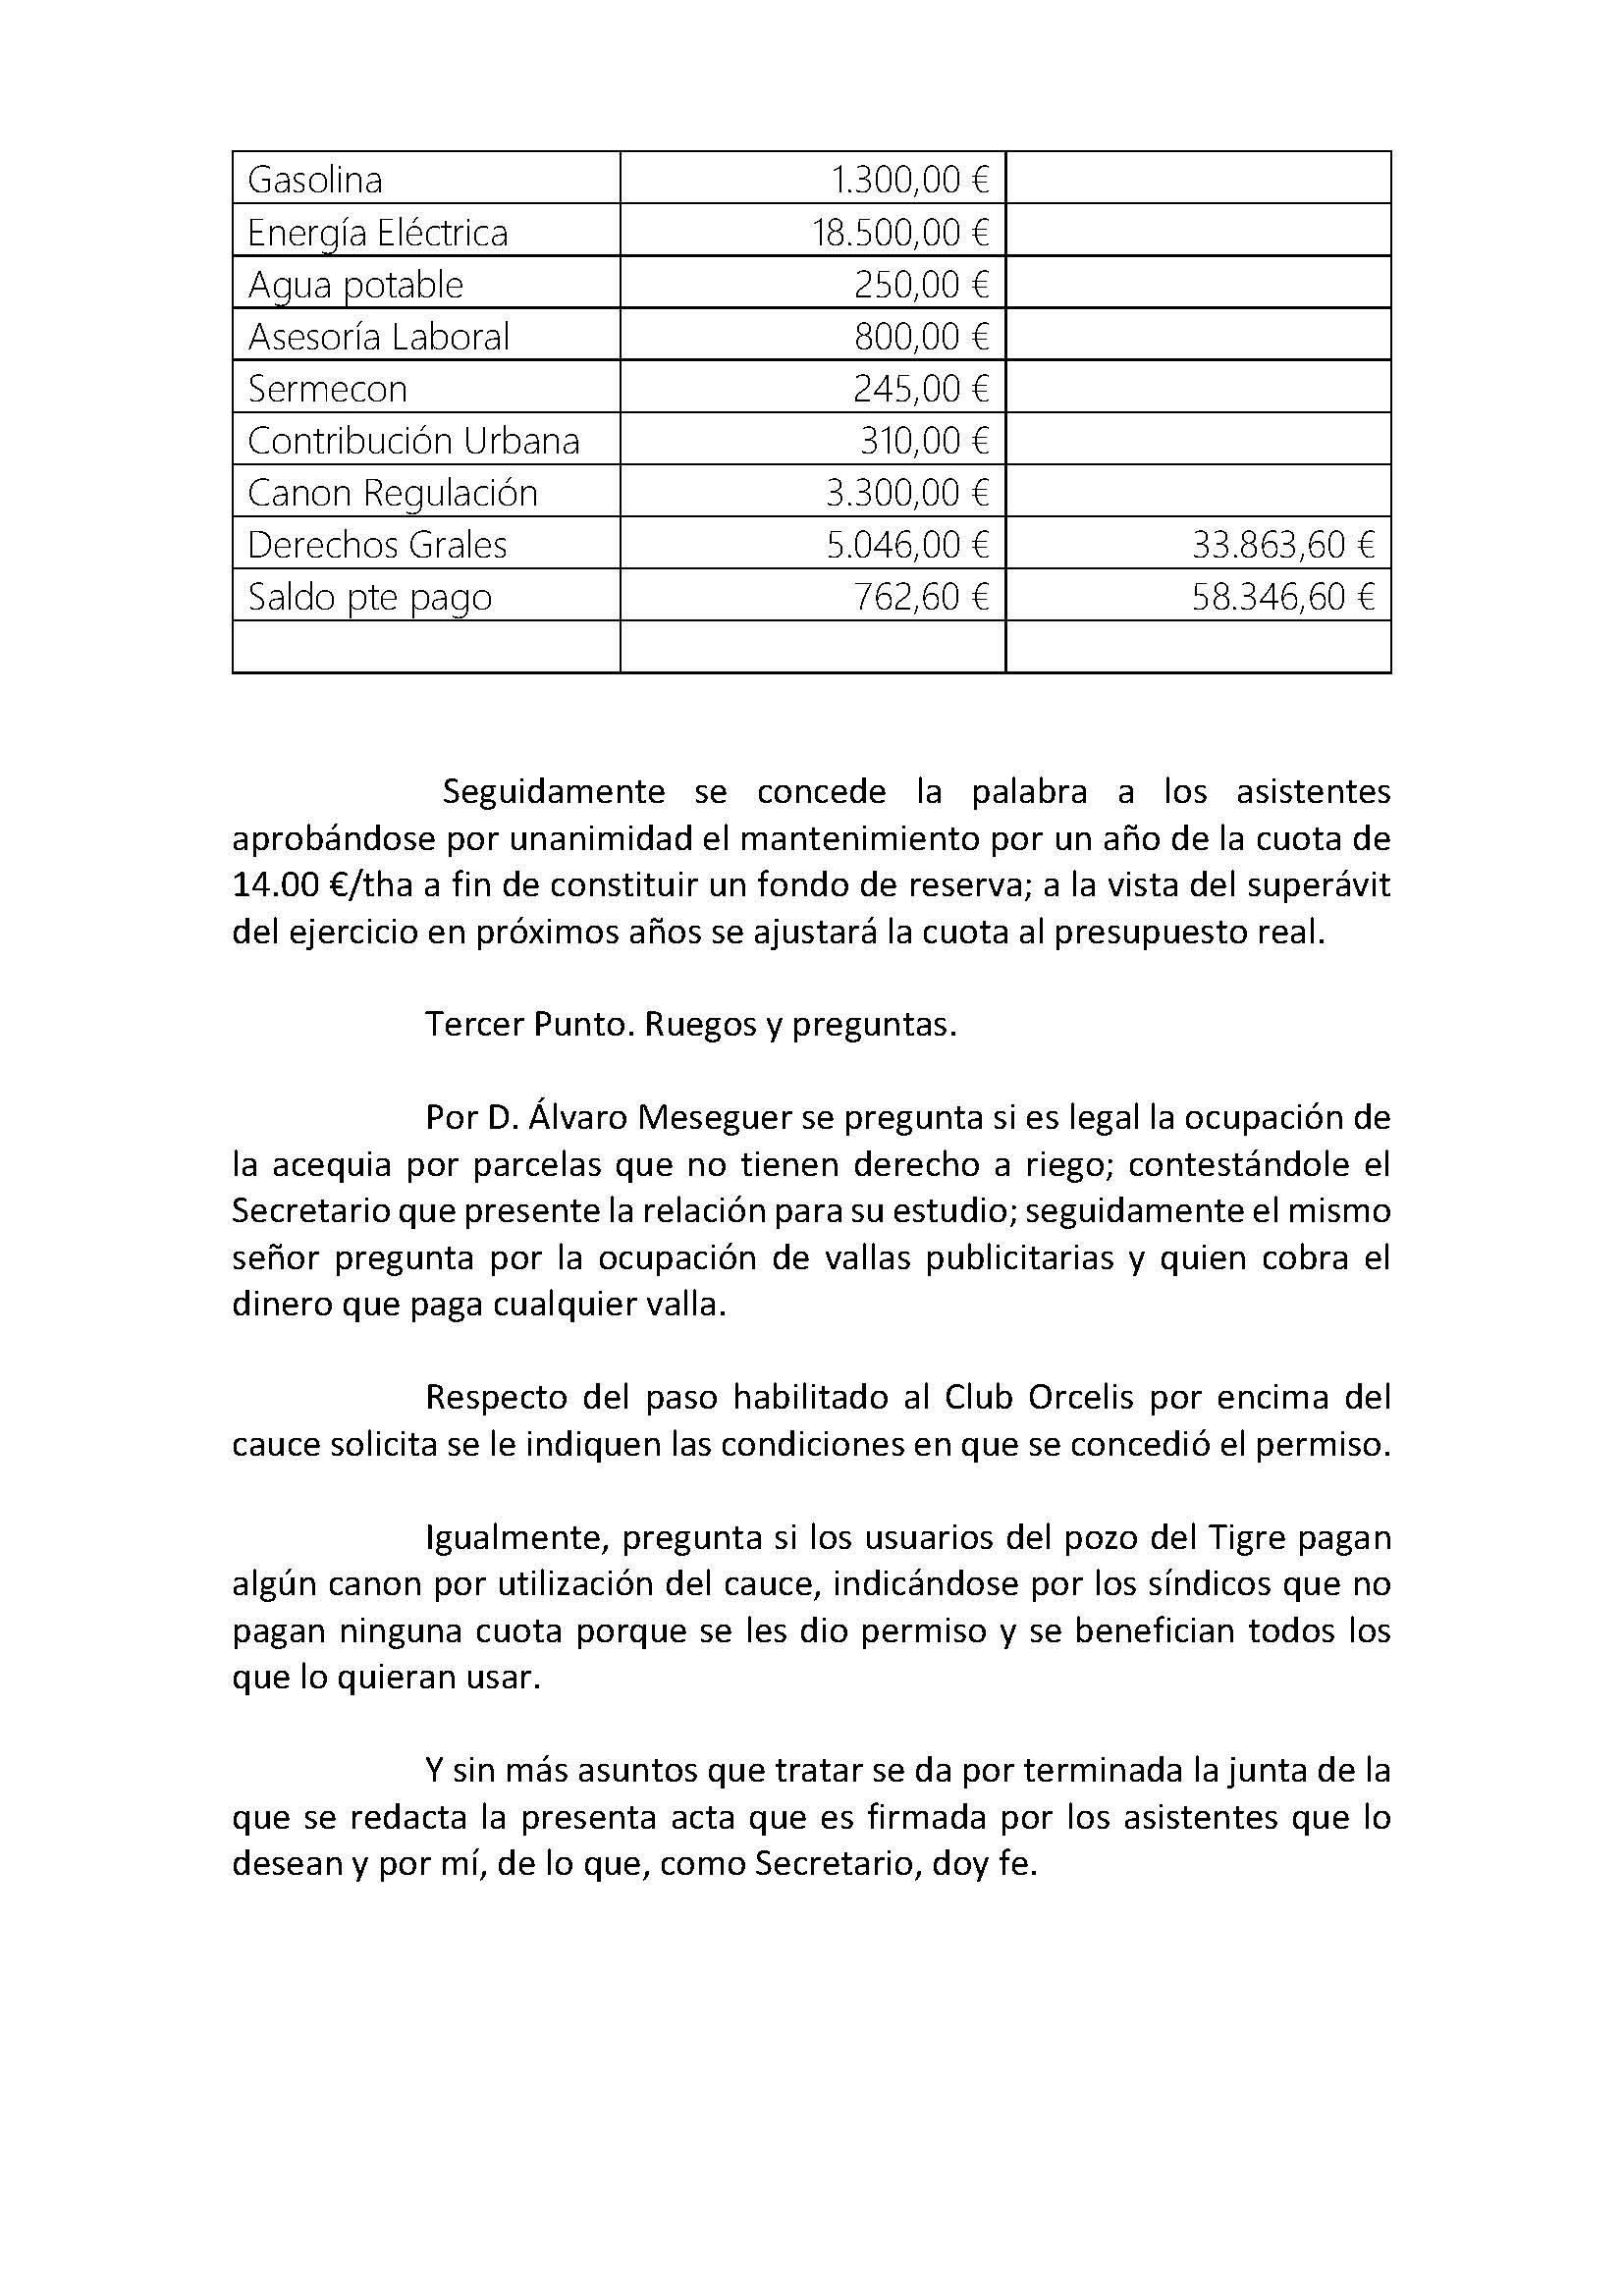 9 2016 ACEQUIA DEL ESCORRATEL. ACTA ASAMBLEA GENERAL 12022016_Página_4